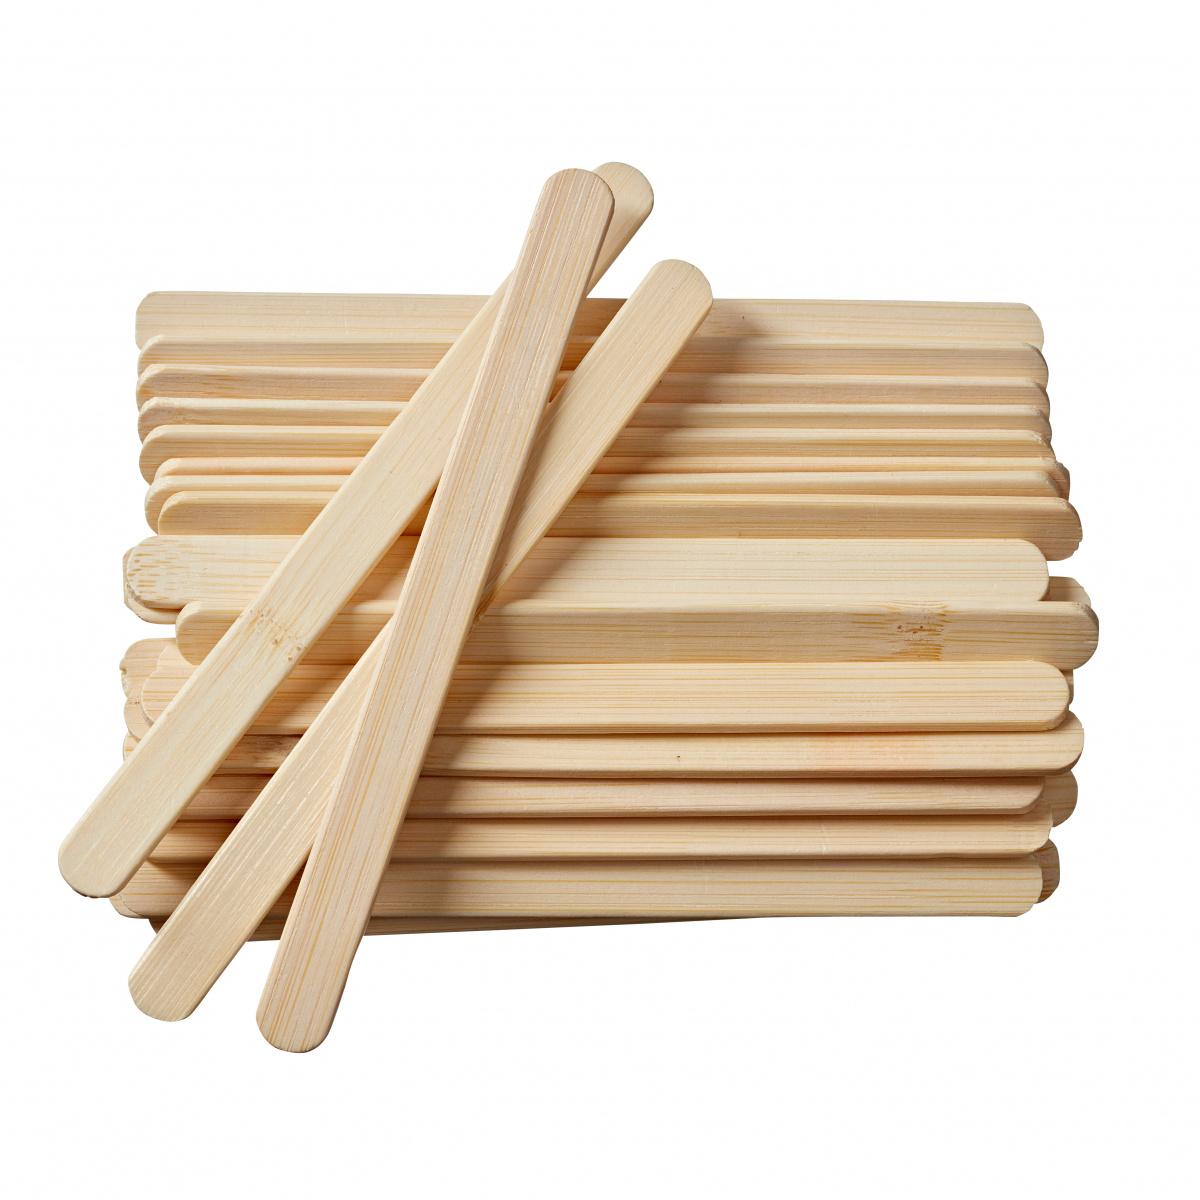 Pulito ispinde i bambus, 30 stk.